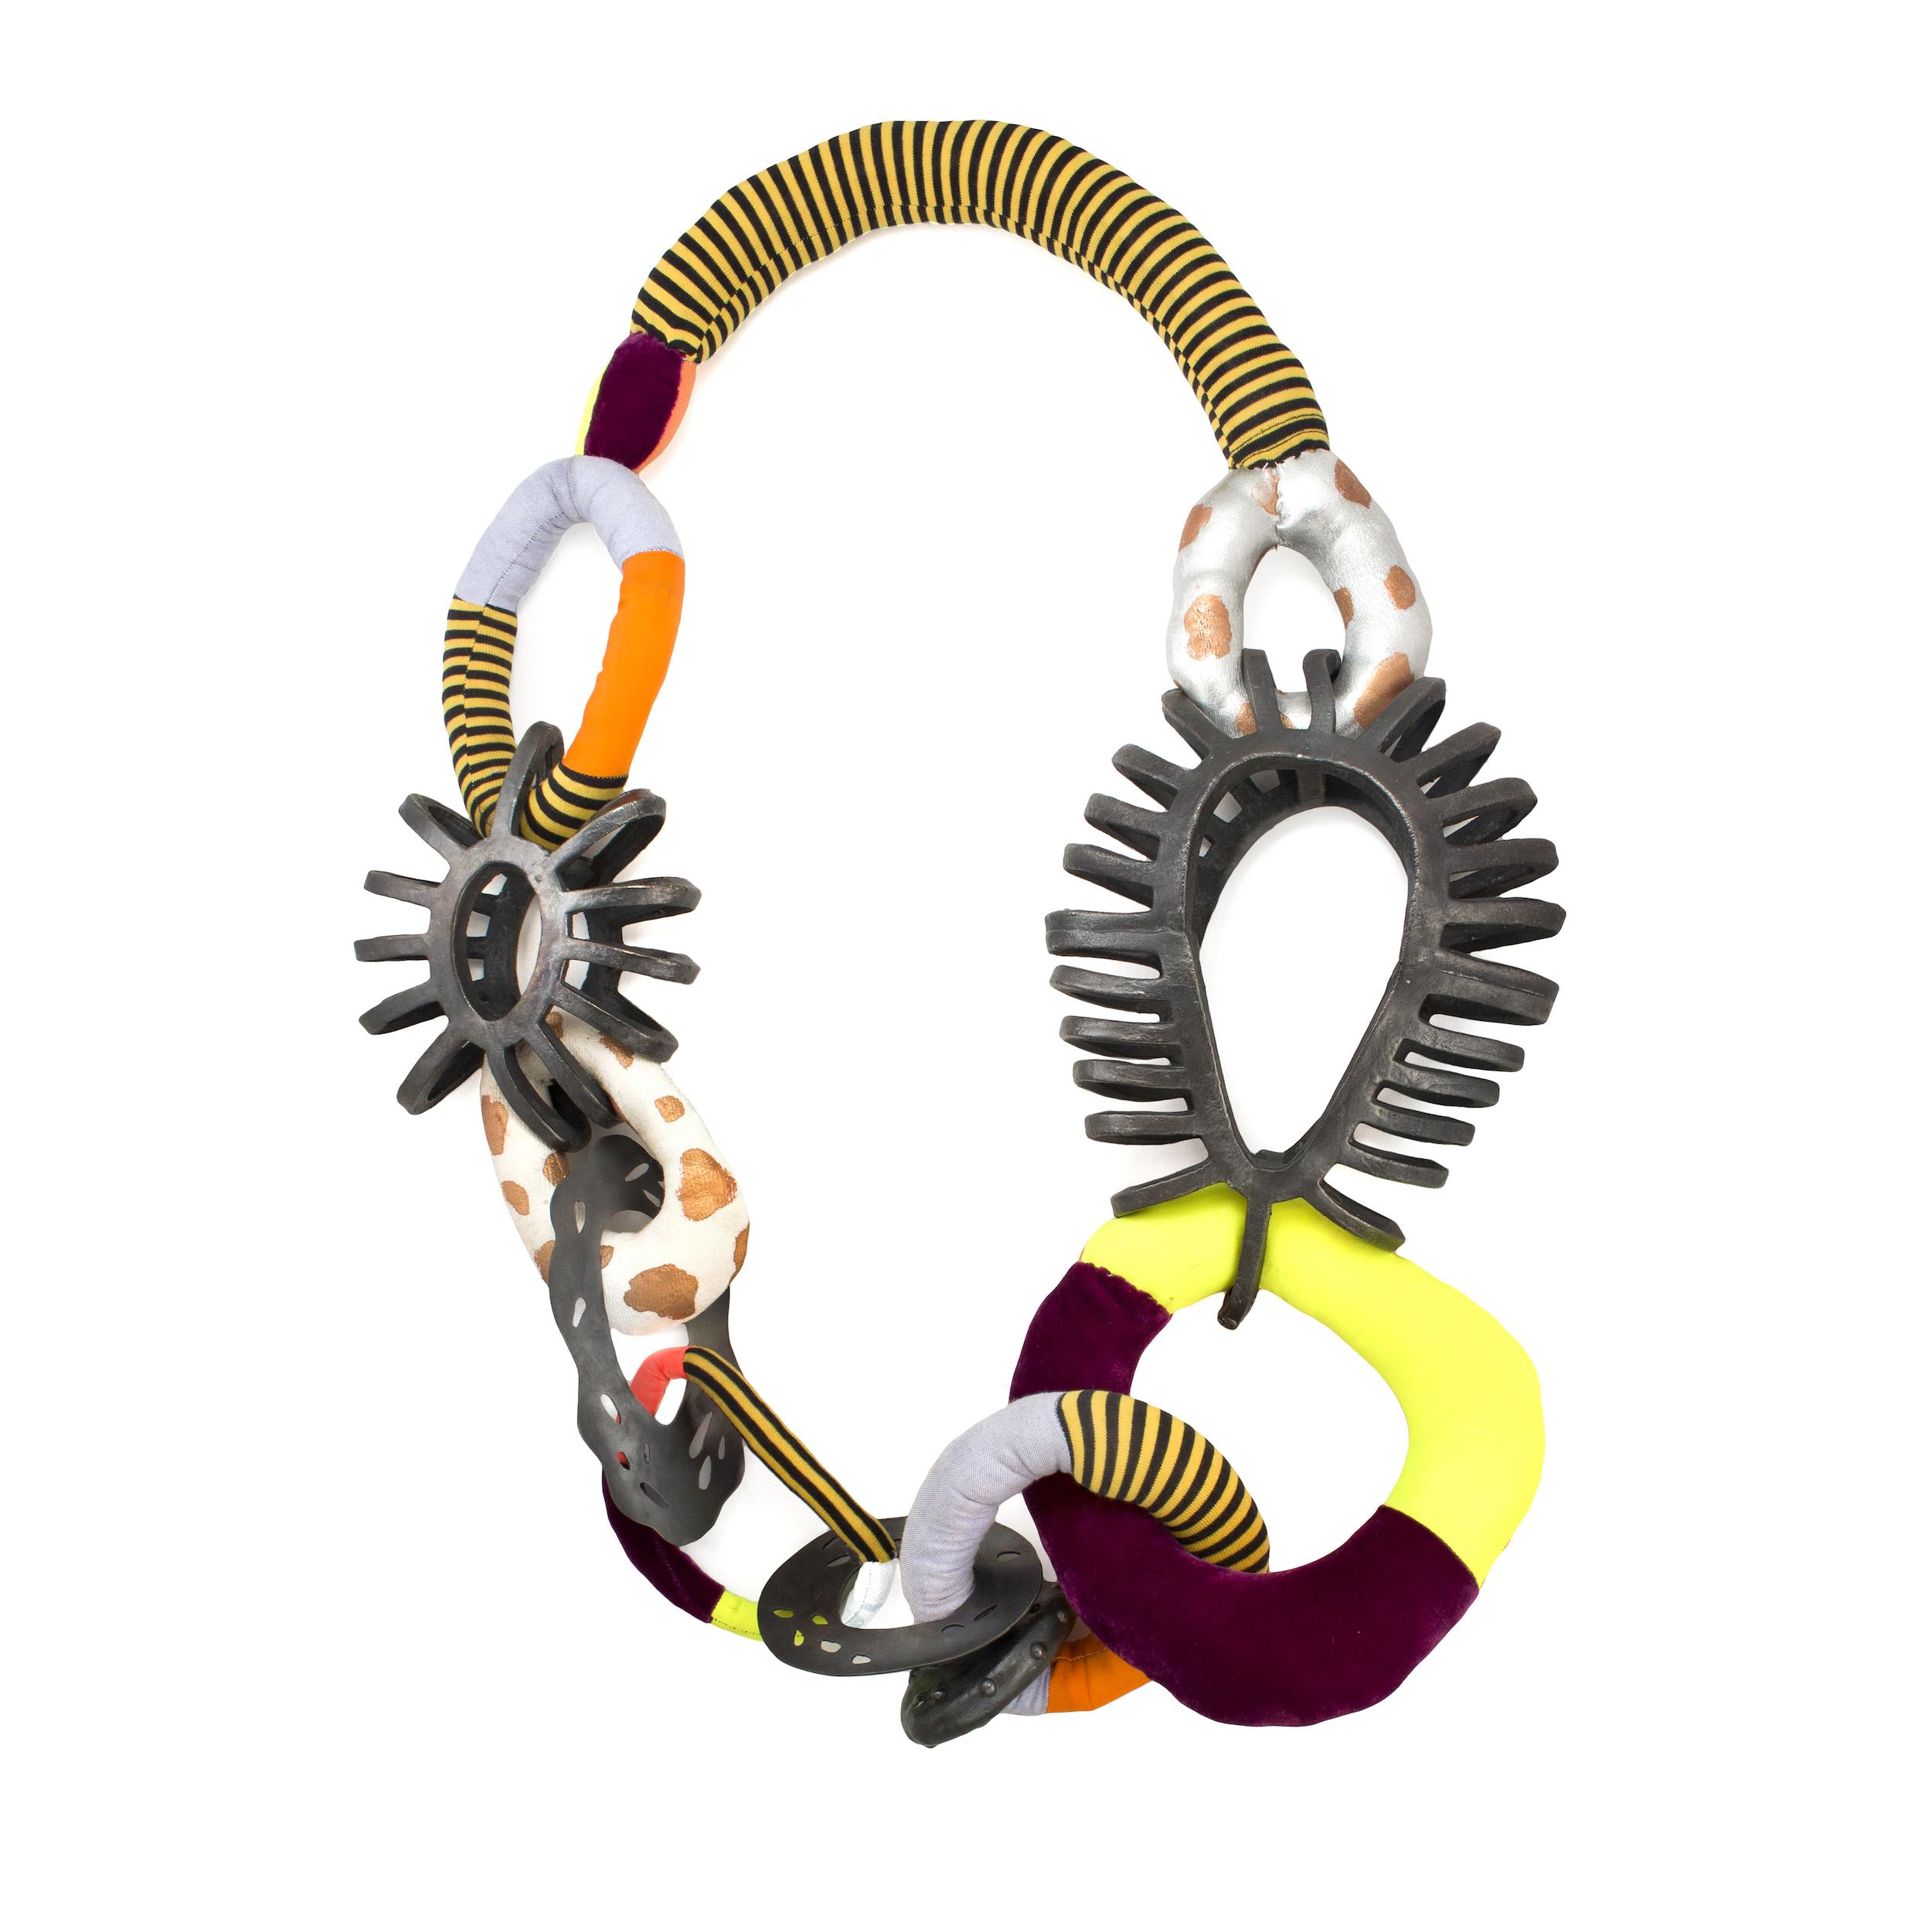 Electric Fruit Loop